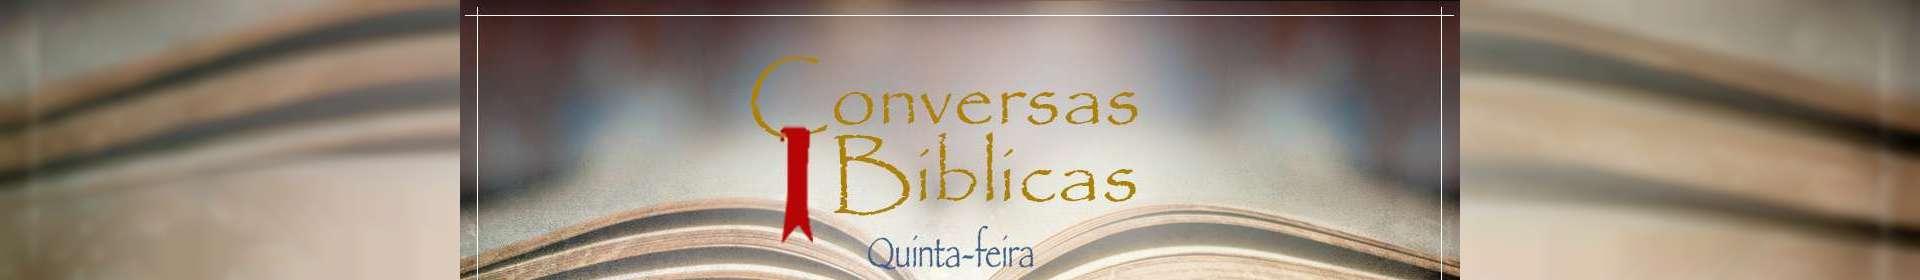 Conversas Bíblicas: Sã Doutrina - Parte 1